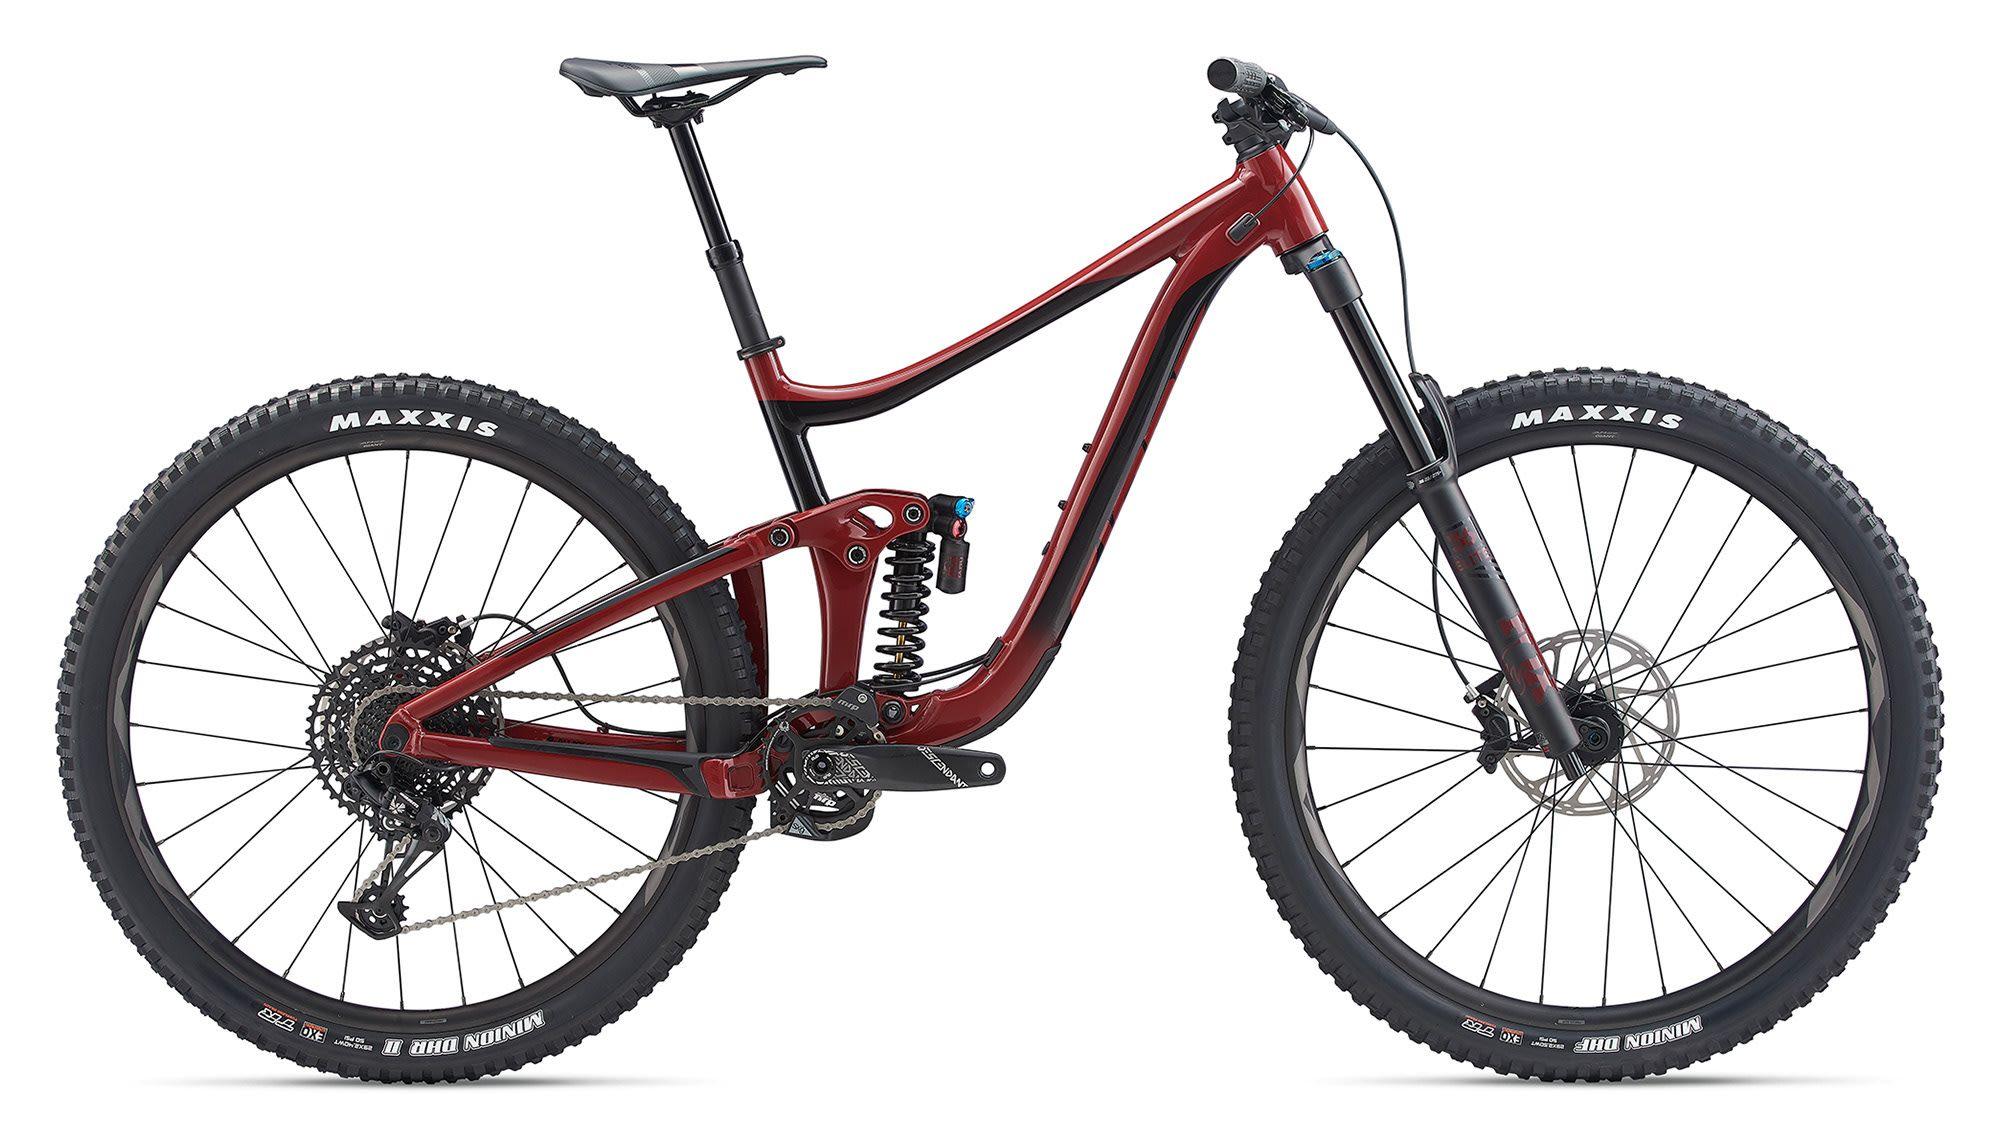 Giant Reign Sx 29er Mountain Bike 2020 | Mountainbikes